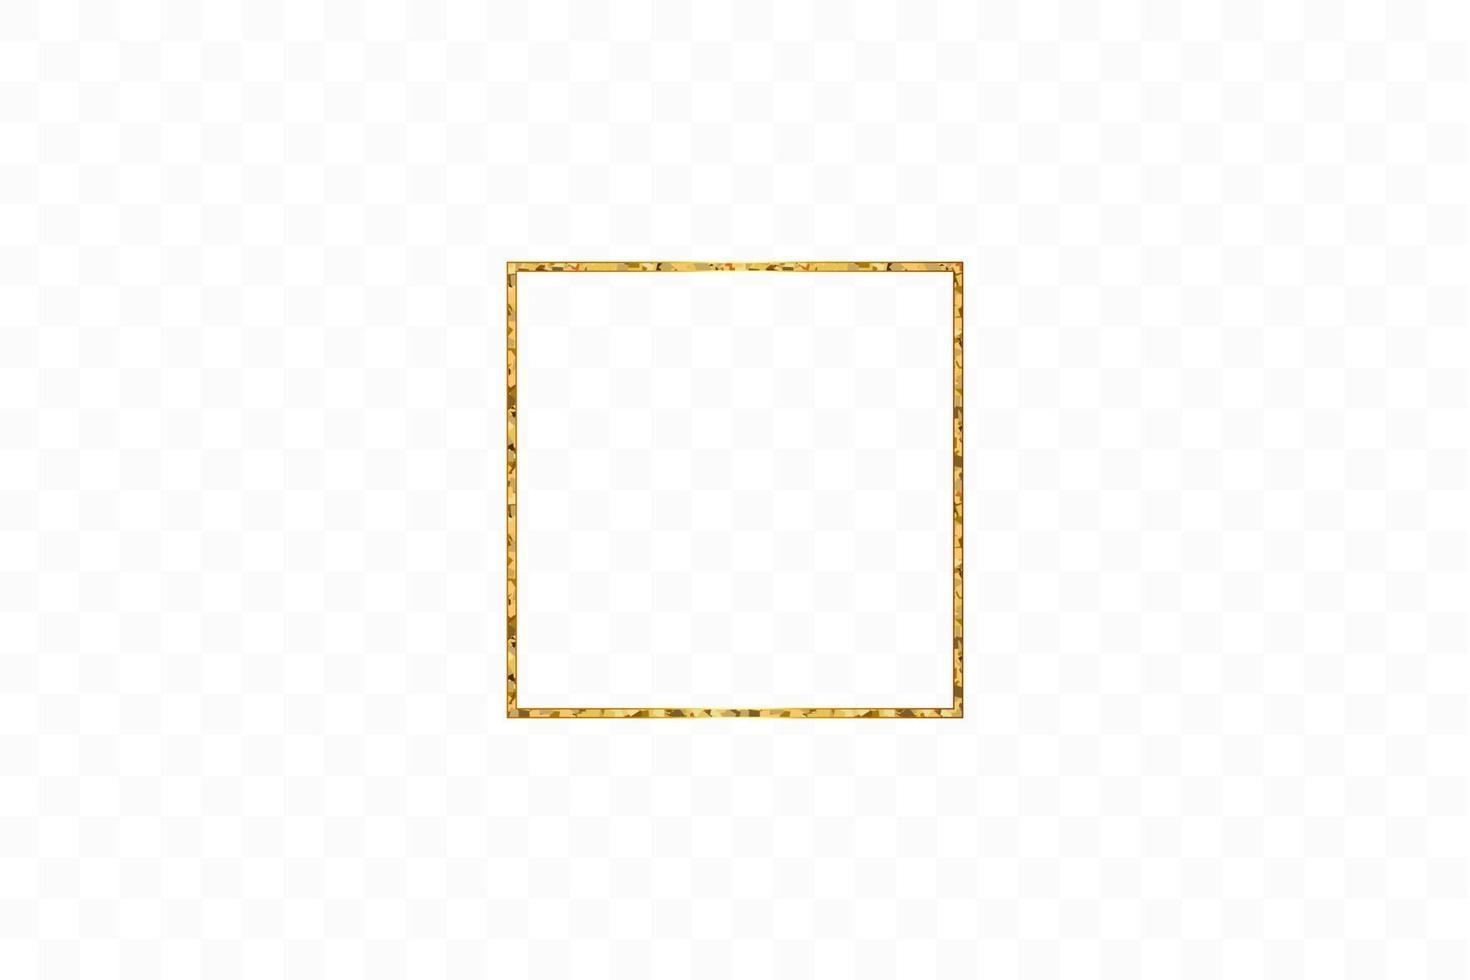 goud glanzend gloeiend vintage frame geïsoleerd. gouden luxe realistische rechthoekrand. vector